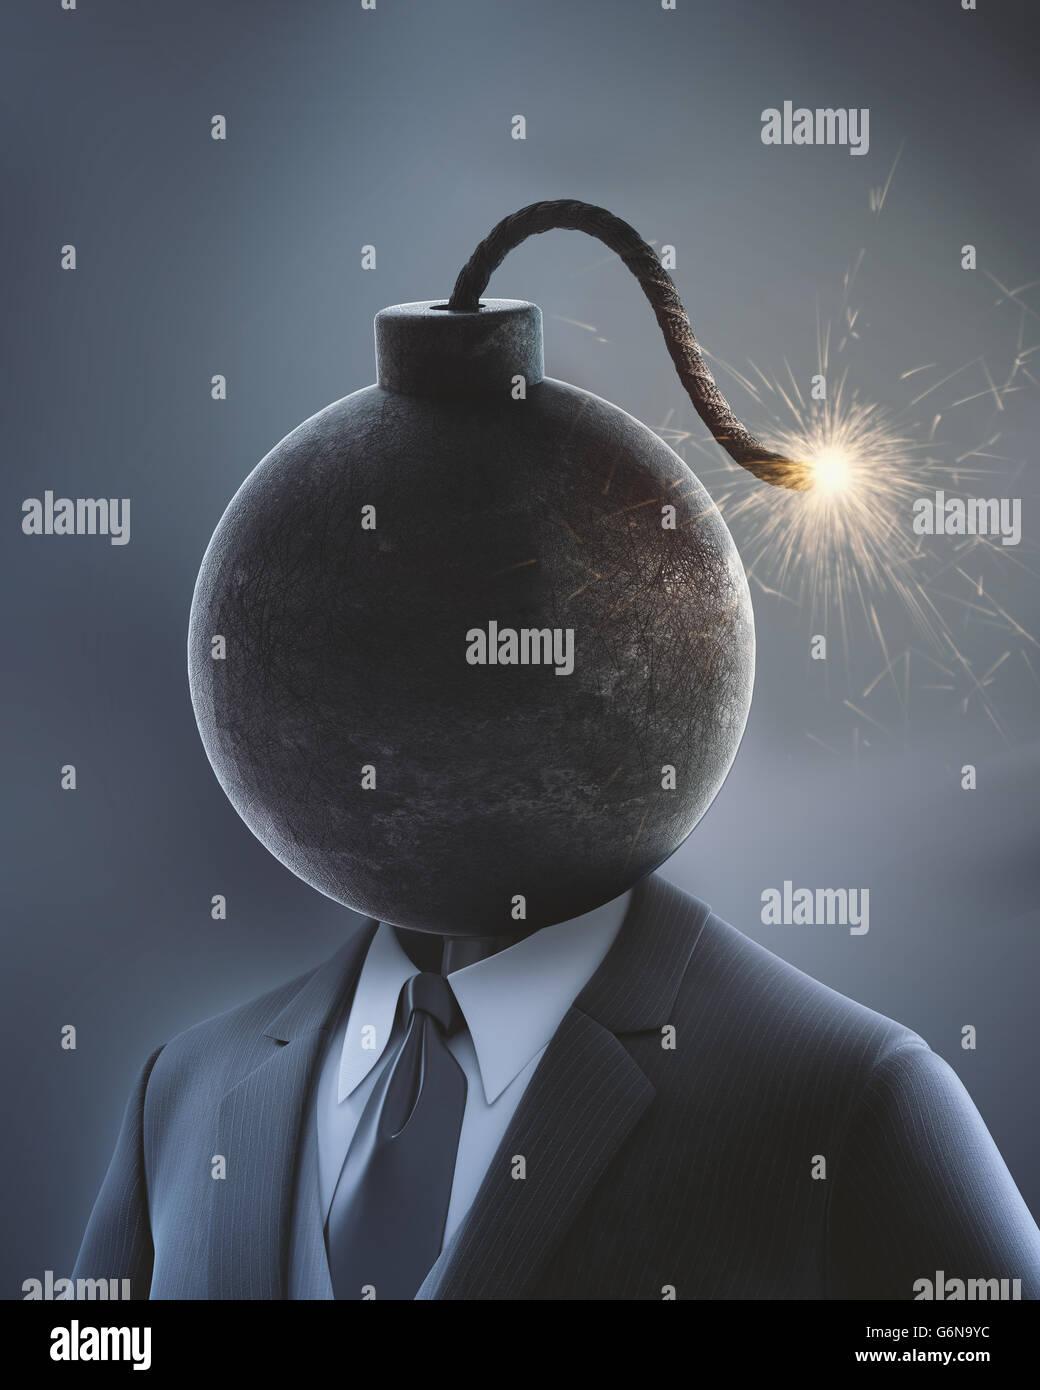 Homme d'affaires à l'aide d'une bombe à la place de sa tête avec un fusible allumé - 3D illustration Banque D'Images